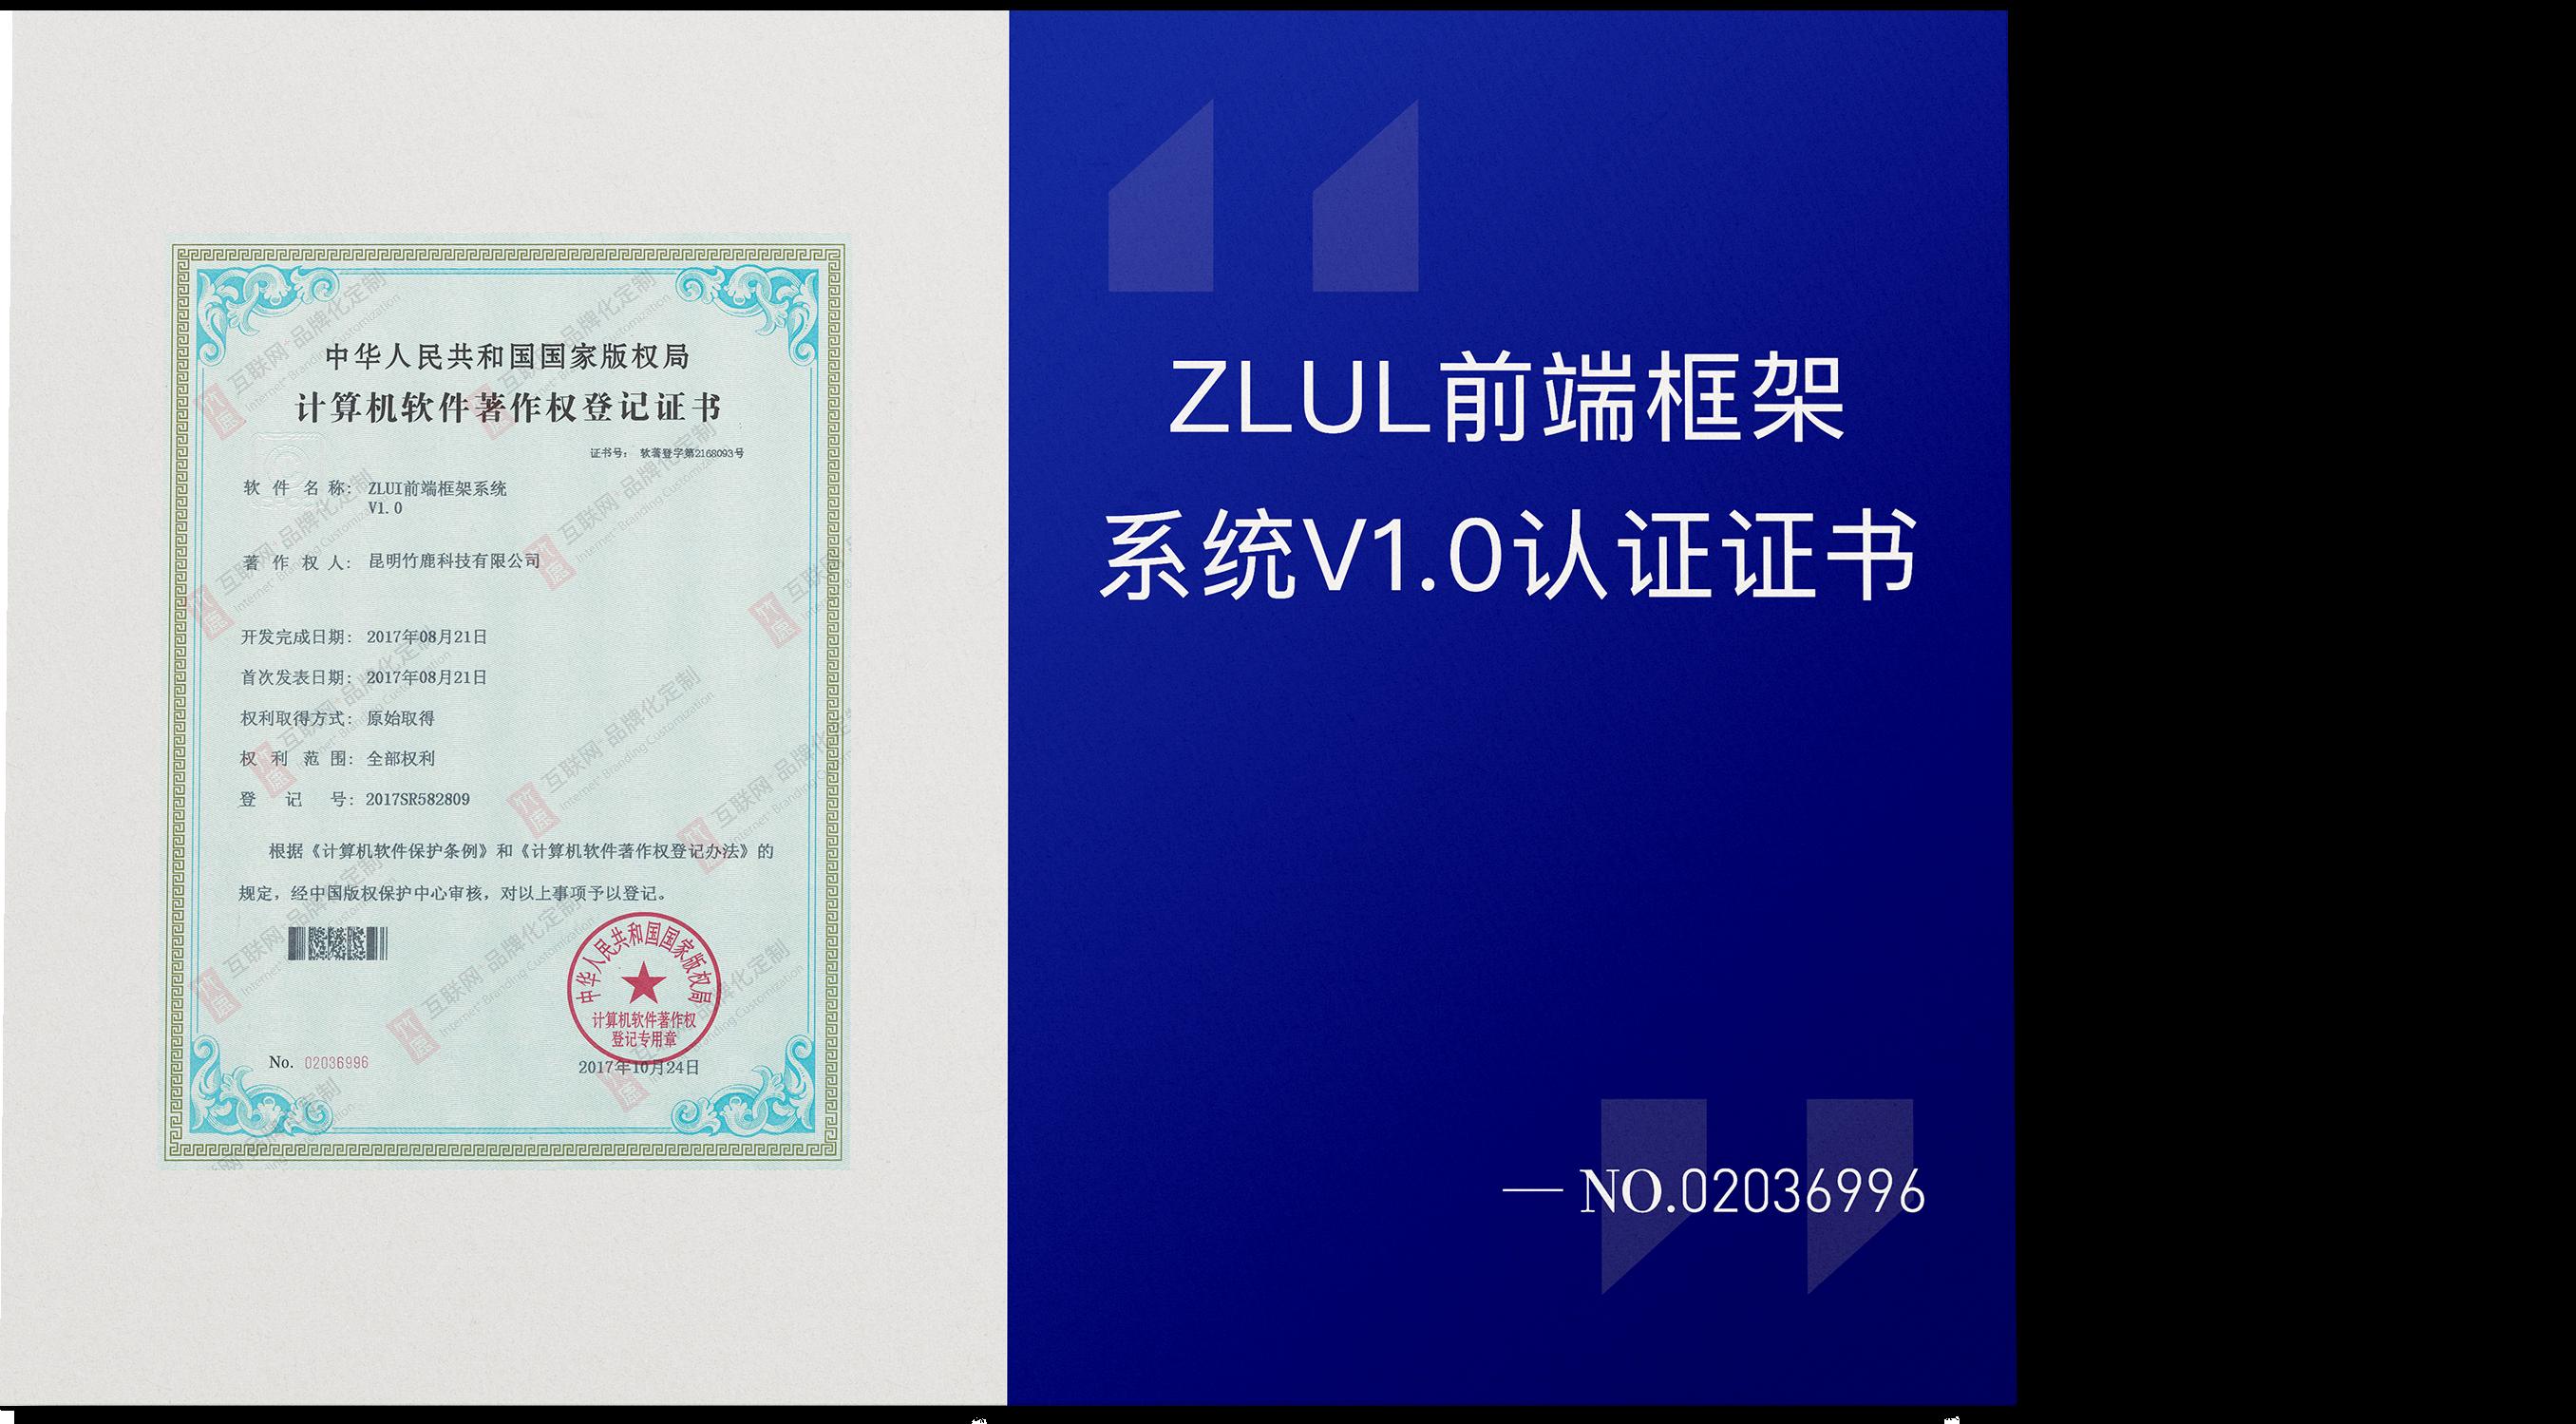 ZLUL前端框架系统V1.0认证证书